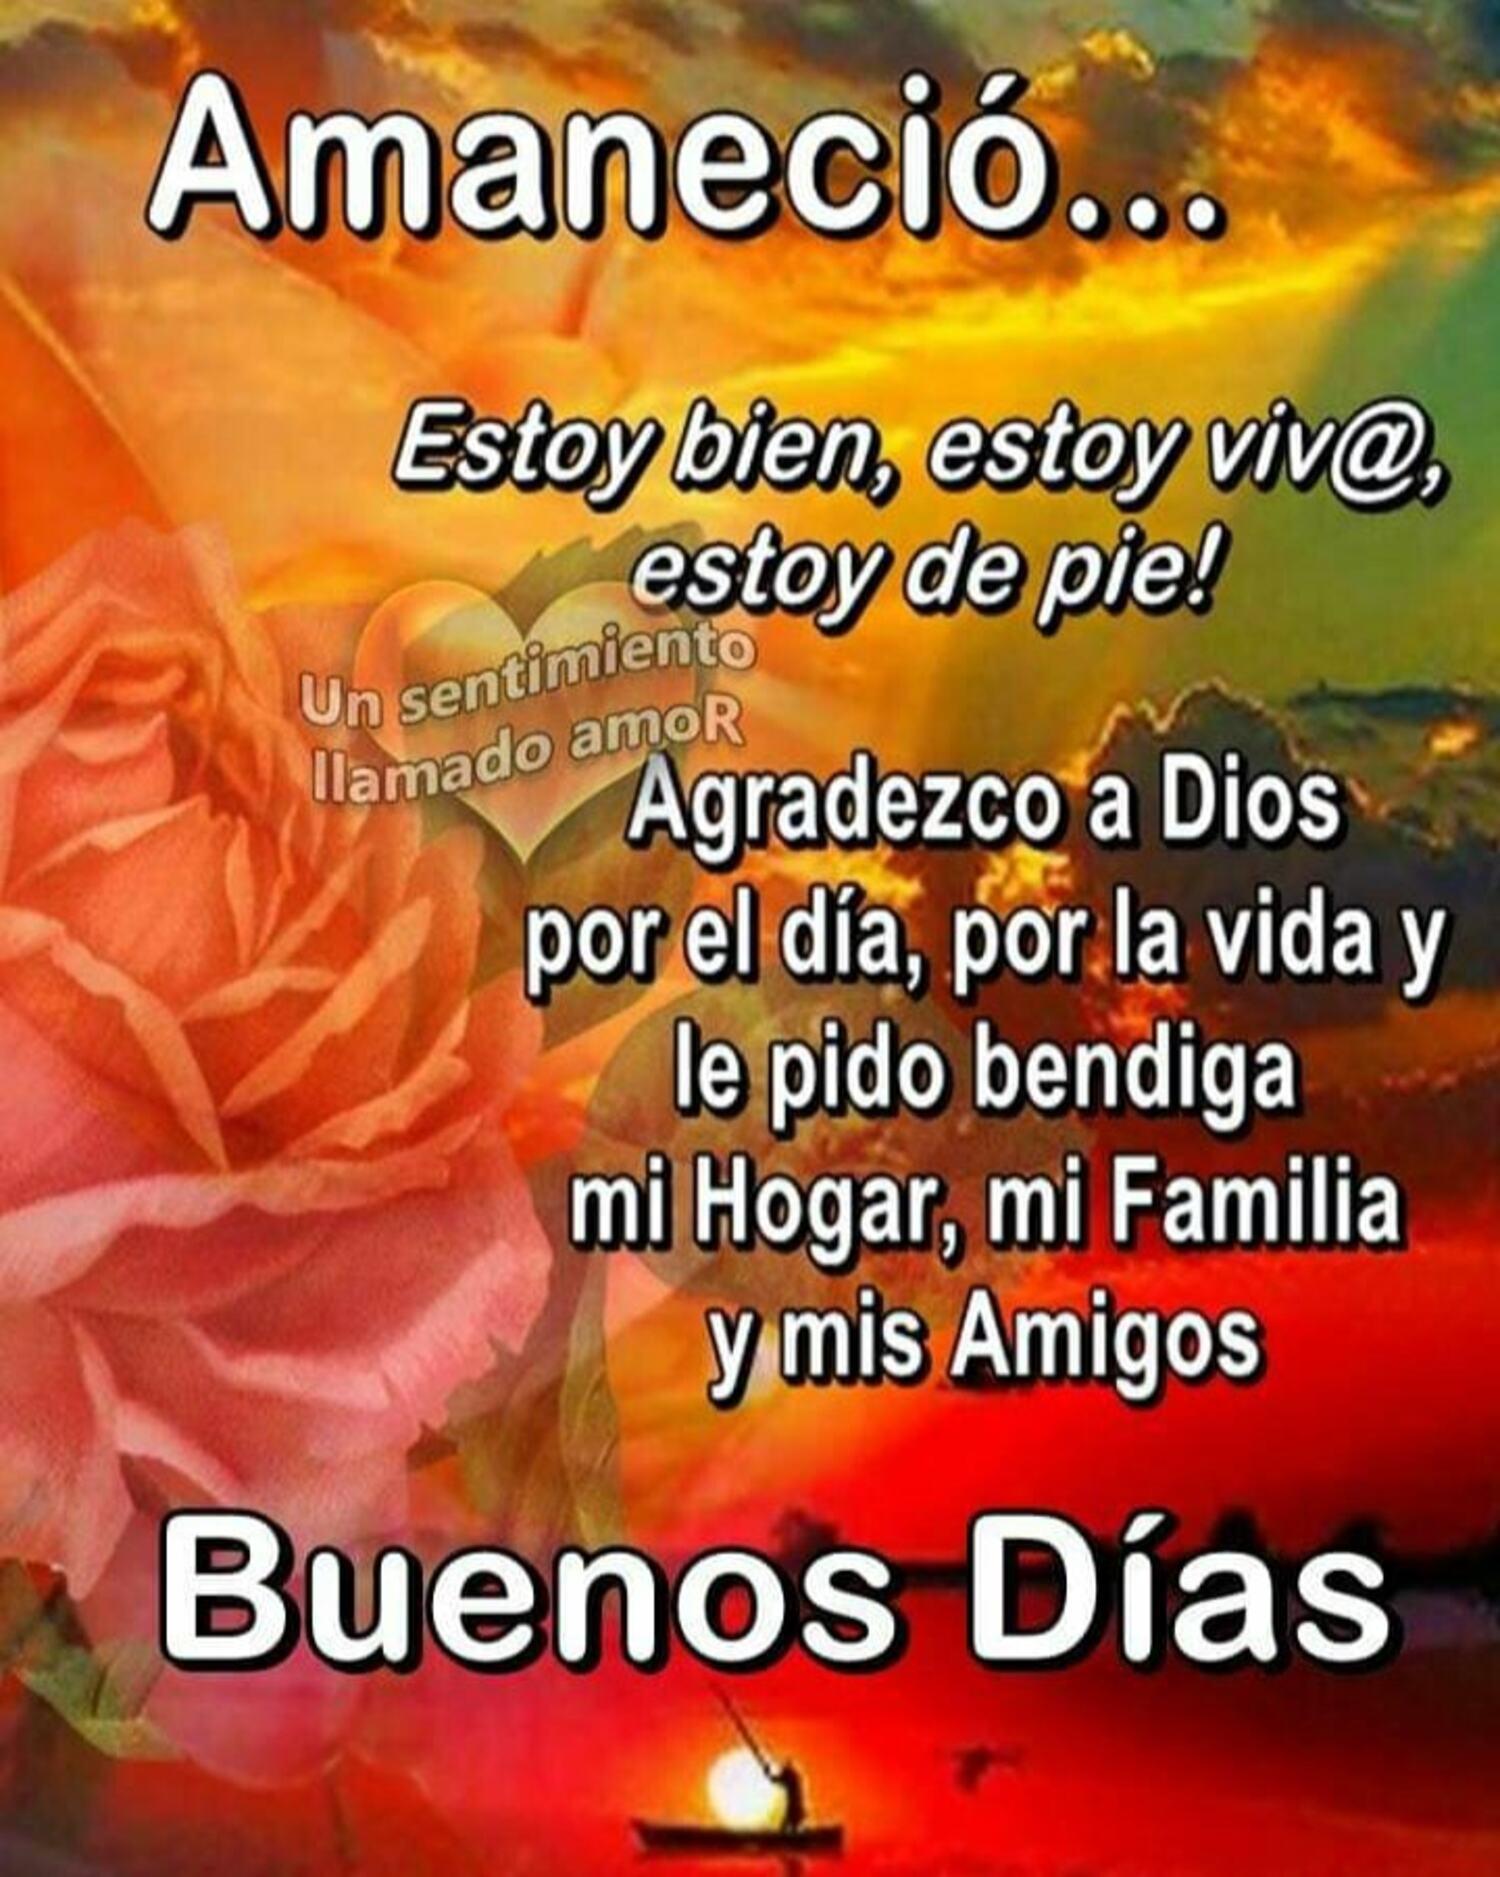 Buenos Días imágenes nuevas con Dios (3)